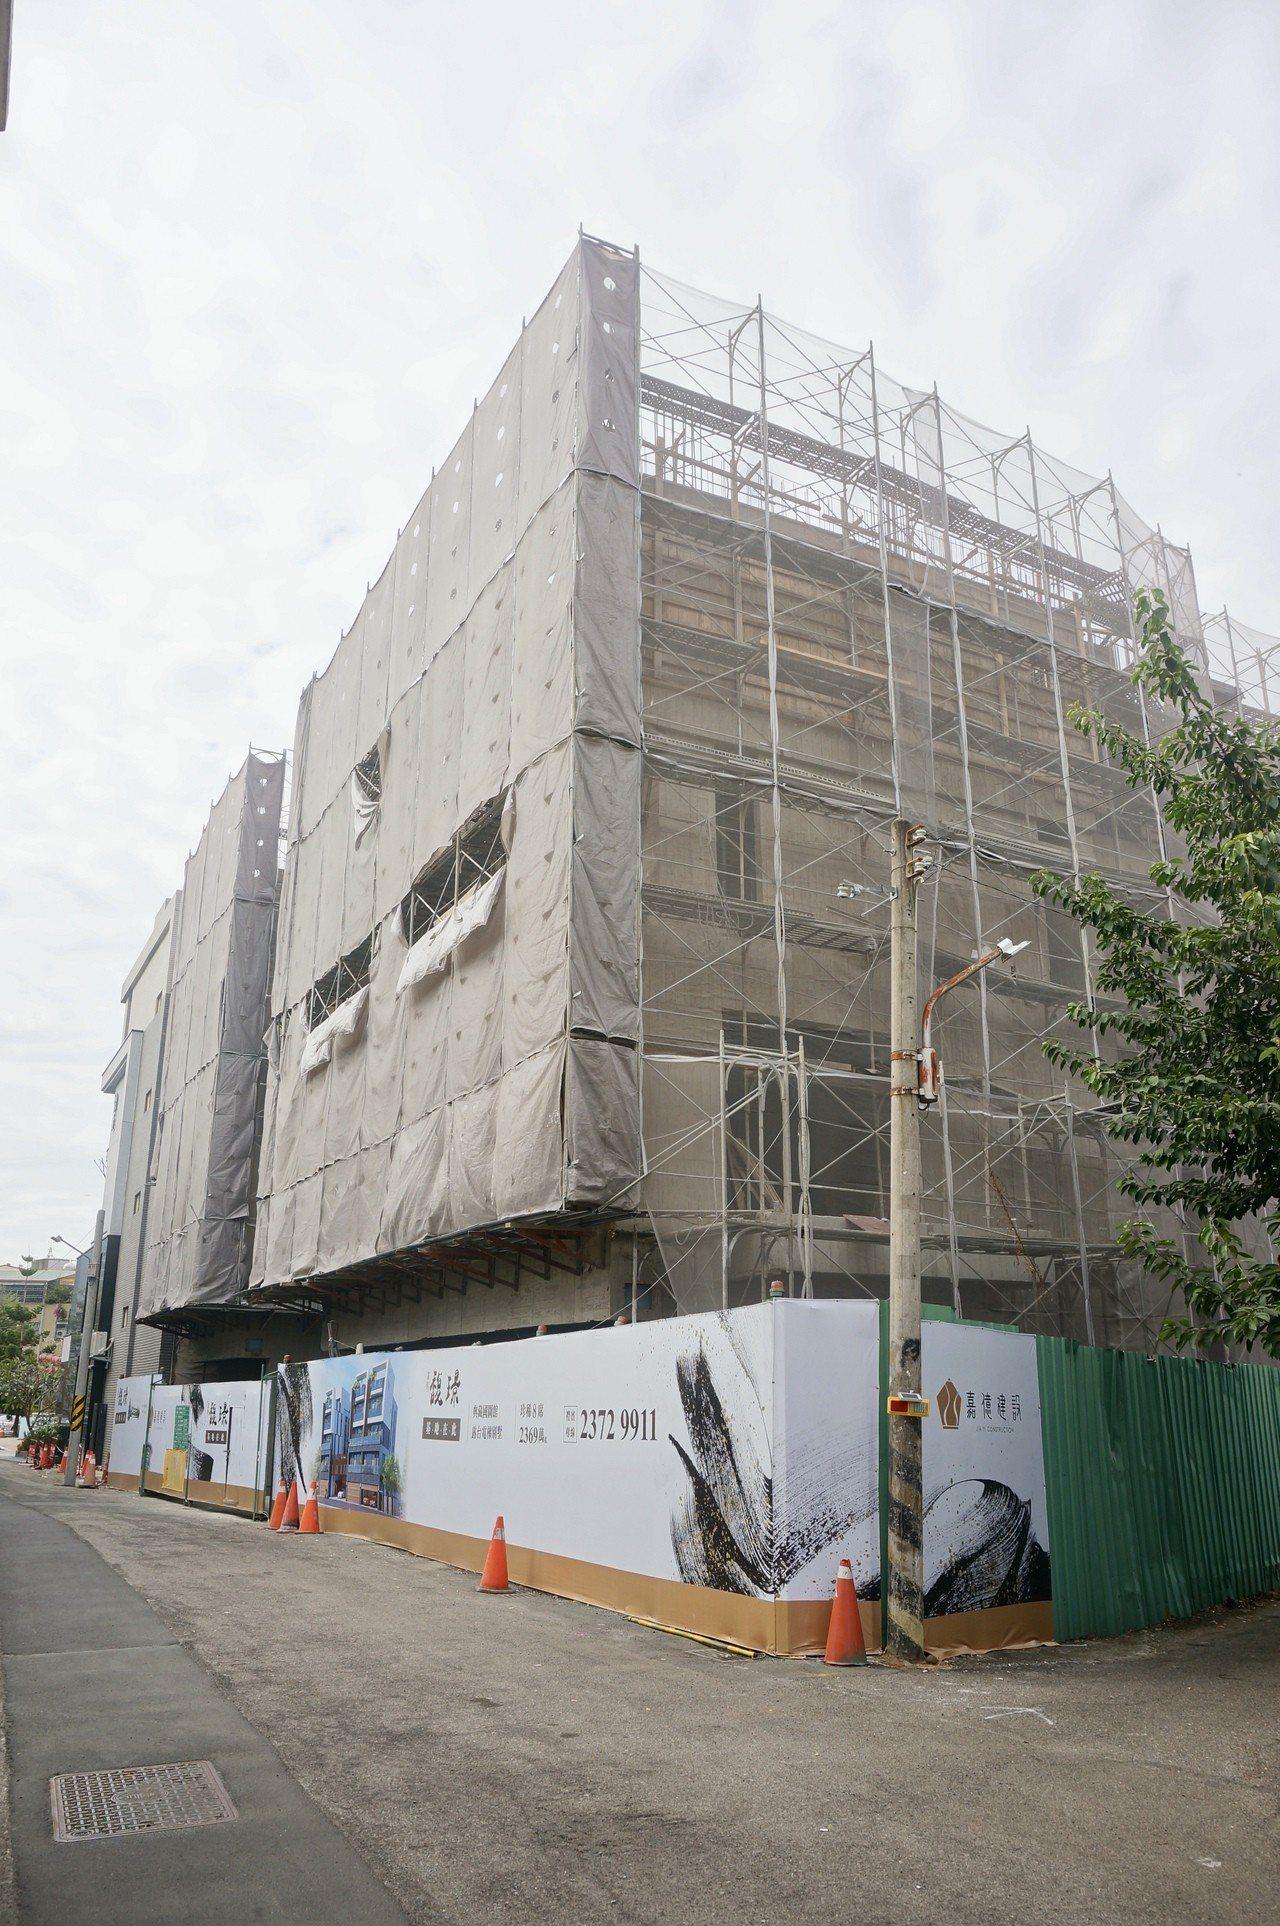 「嘉億馥璟」邊建邊售,預計今年底完工交屋。記者宋健生/攝影